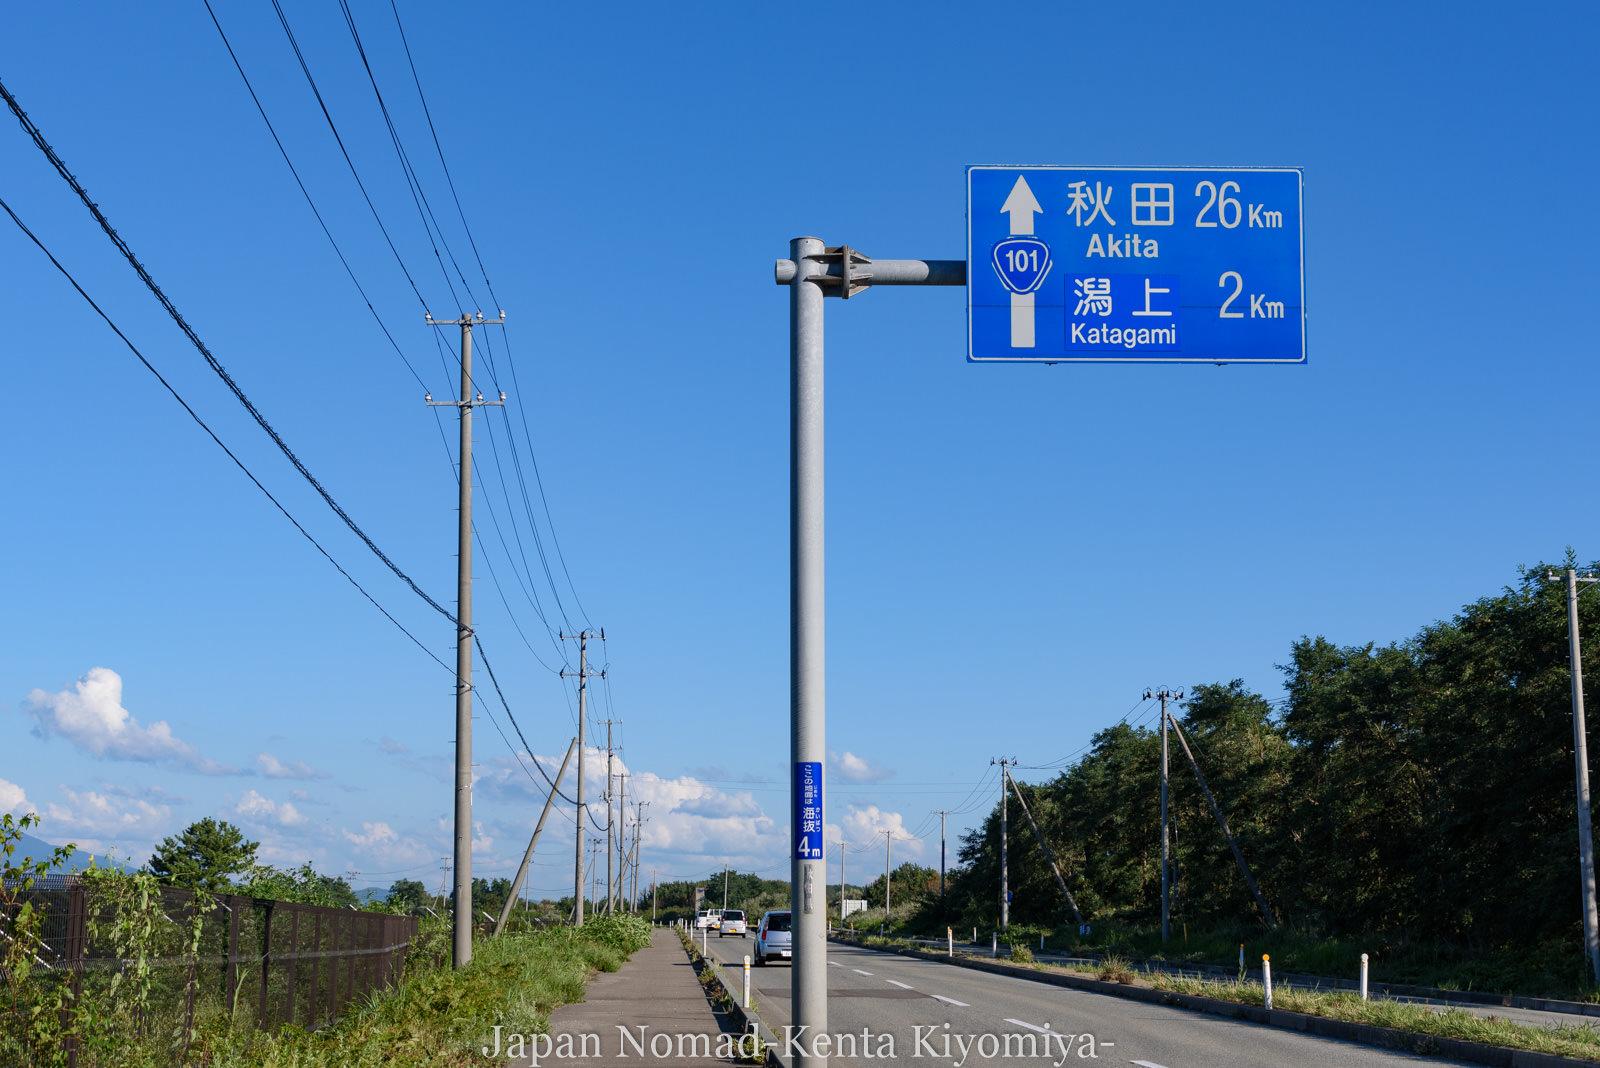 自転車日本一周127日目(なまはげ、ハタハタ丼、寒風山、男鹿半島)-Japan Nomad (40)